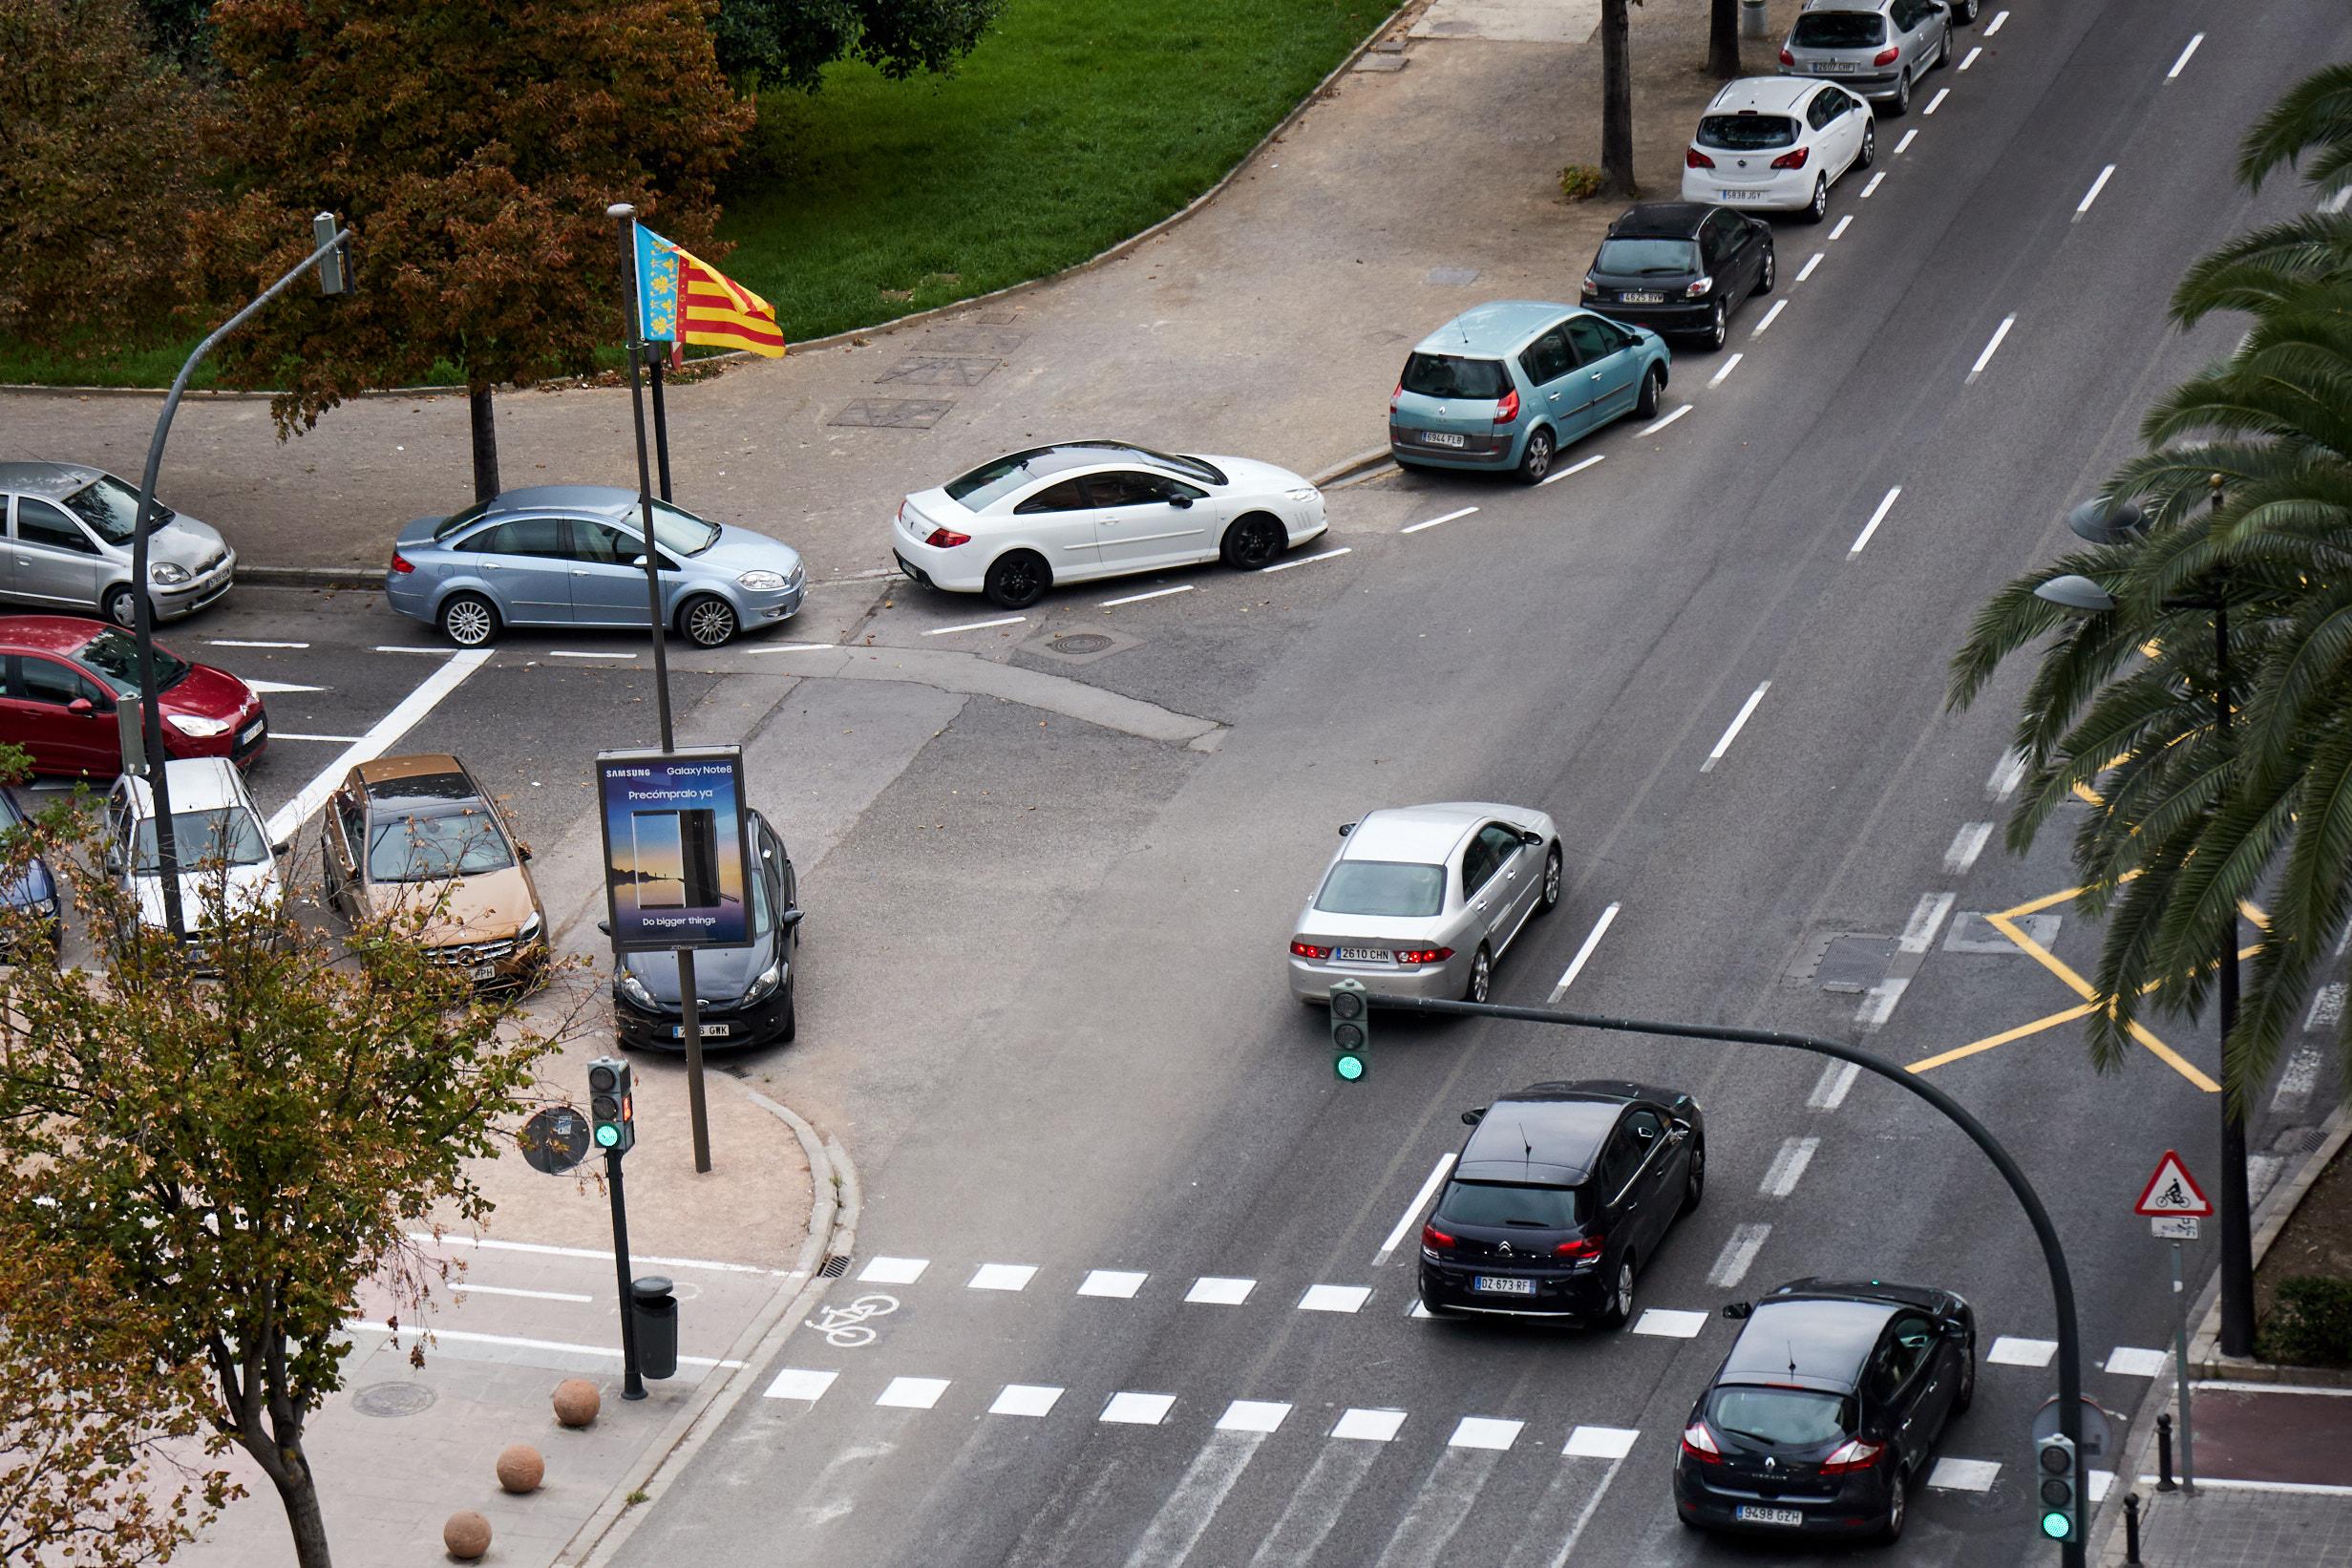 Crossing on Avenida de Blasco Ibañez